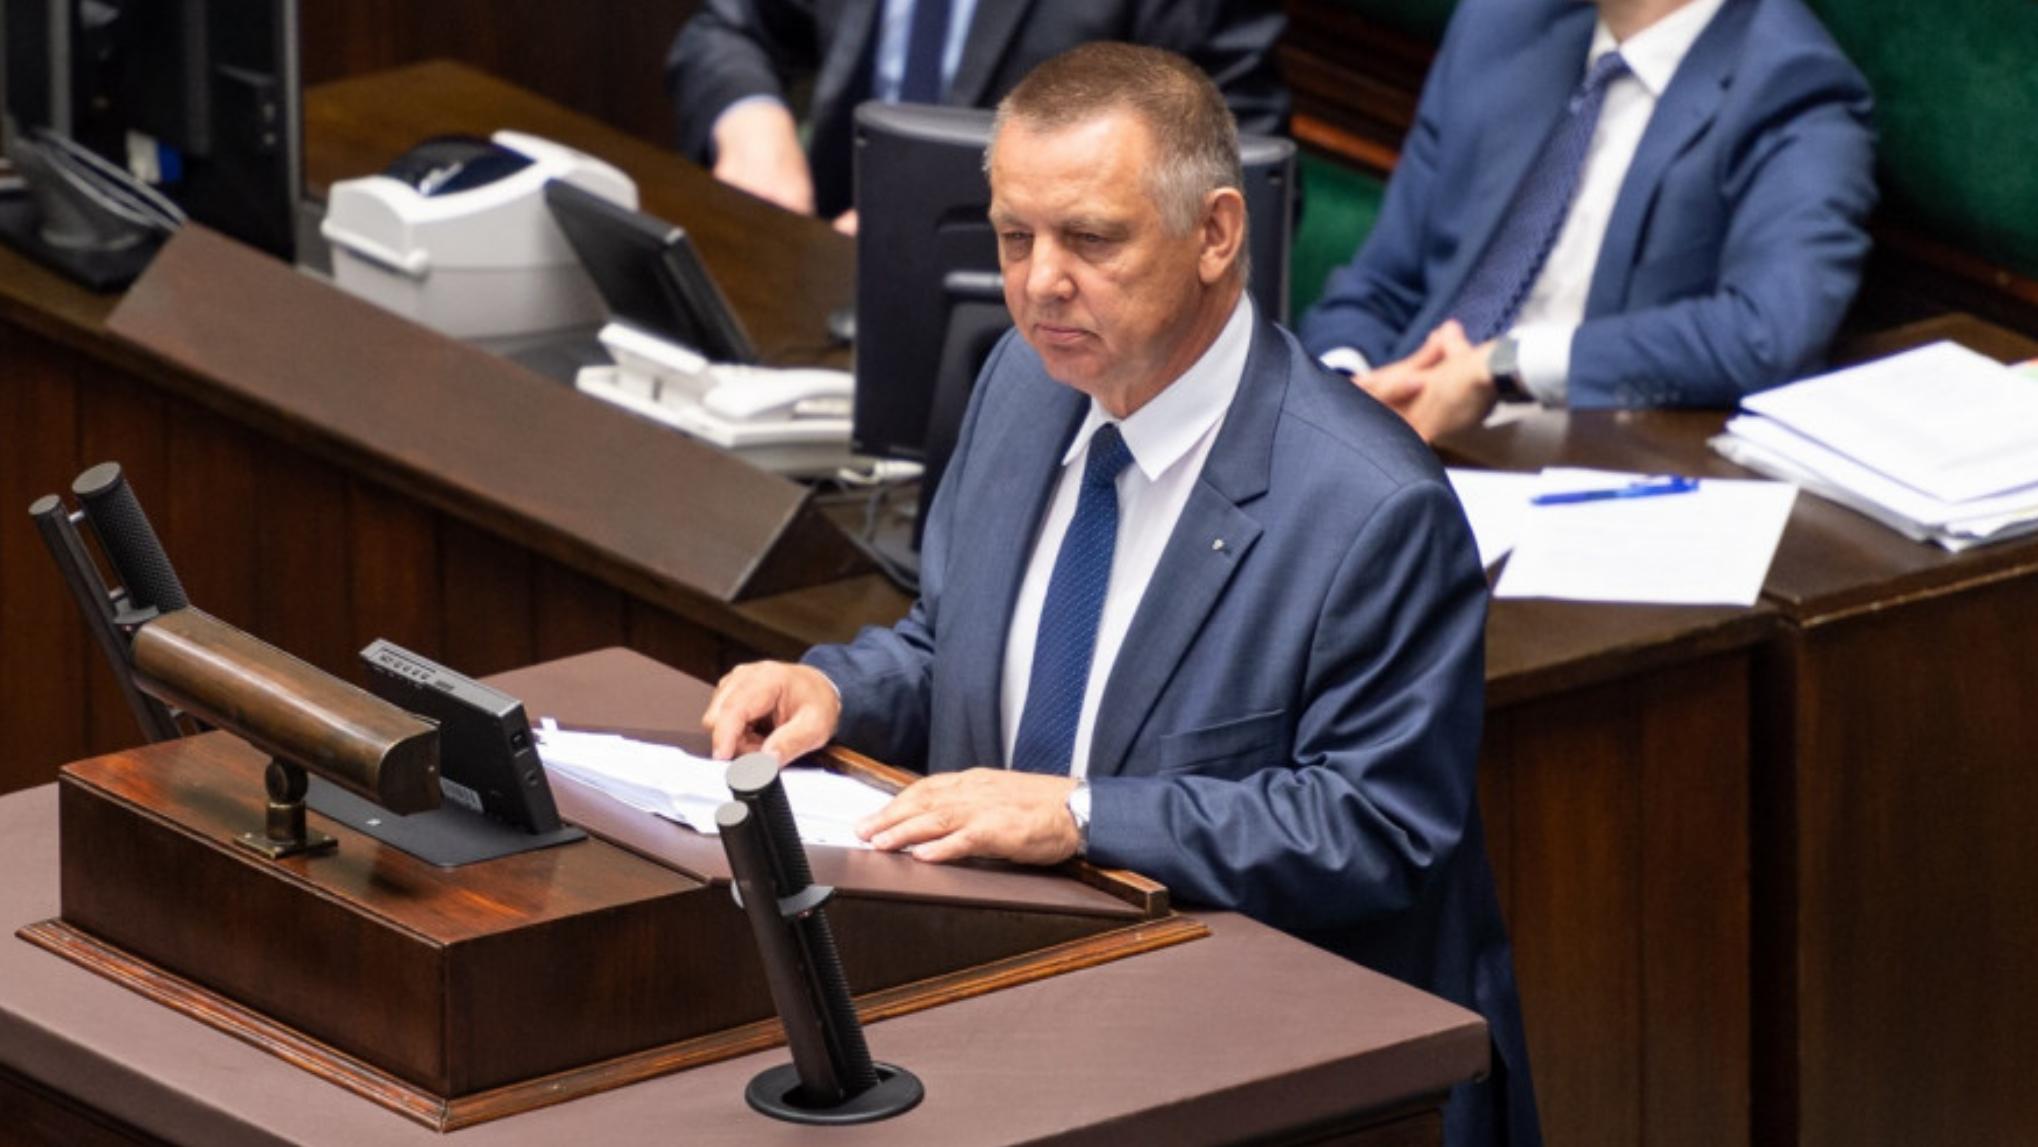 """Banaś w Sejmie: """"Mateusz Morawiecki przekroczył swoje uprawnienia"""""""